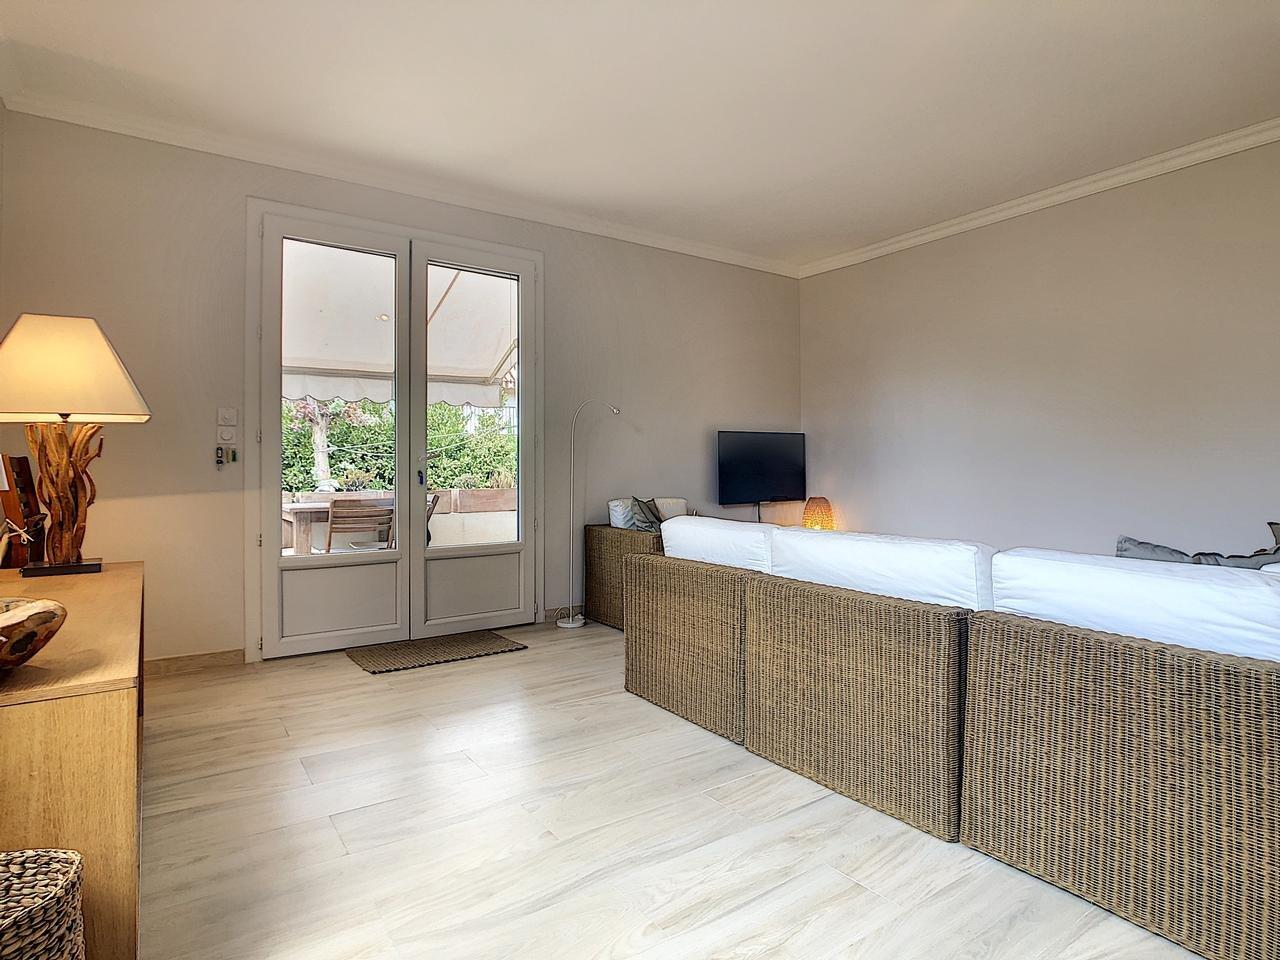 Maison  5 Locali 115m2  In vendita   745000 €